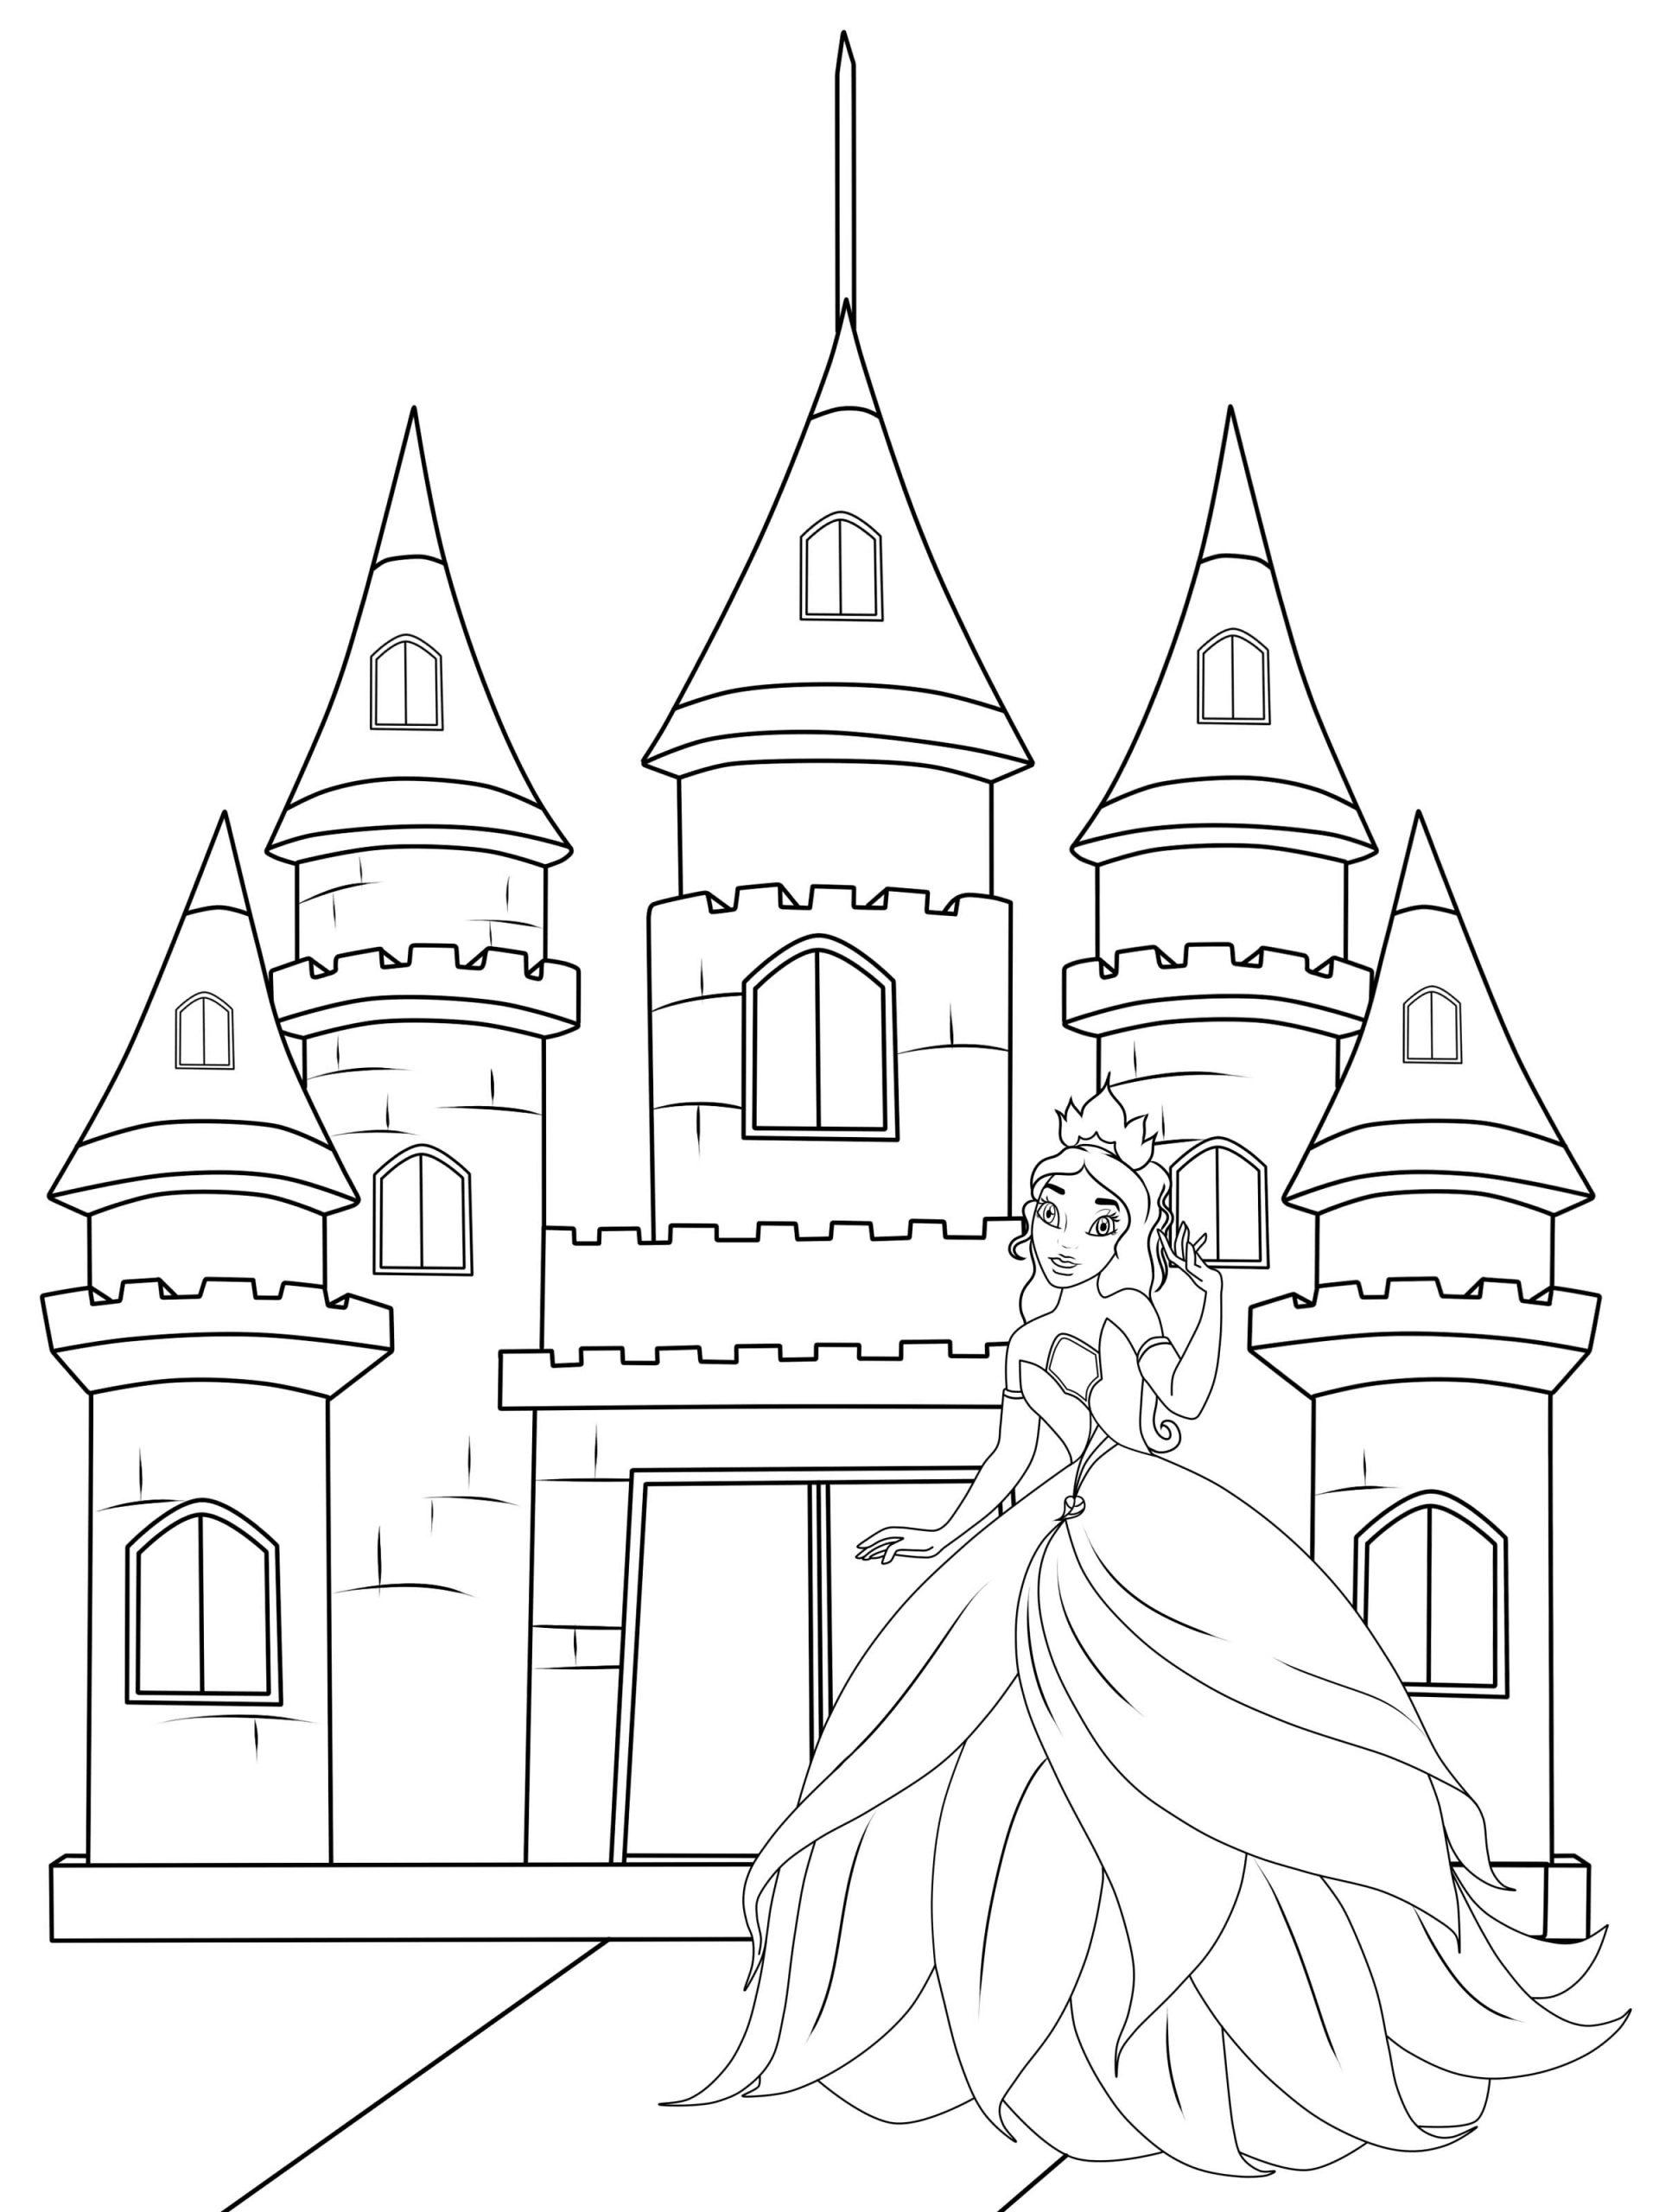 Coloriage À Imprimer : Le Château De La Princesse concernant Chateau Princesse Dessin